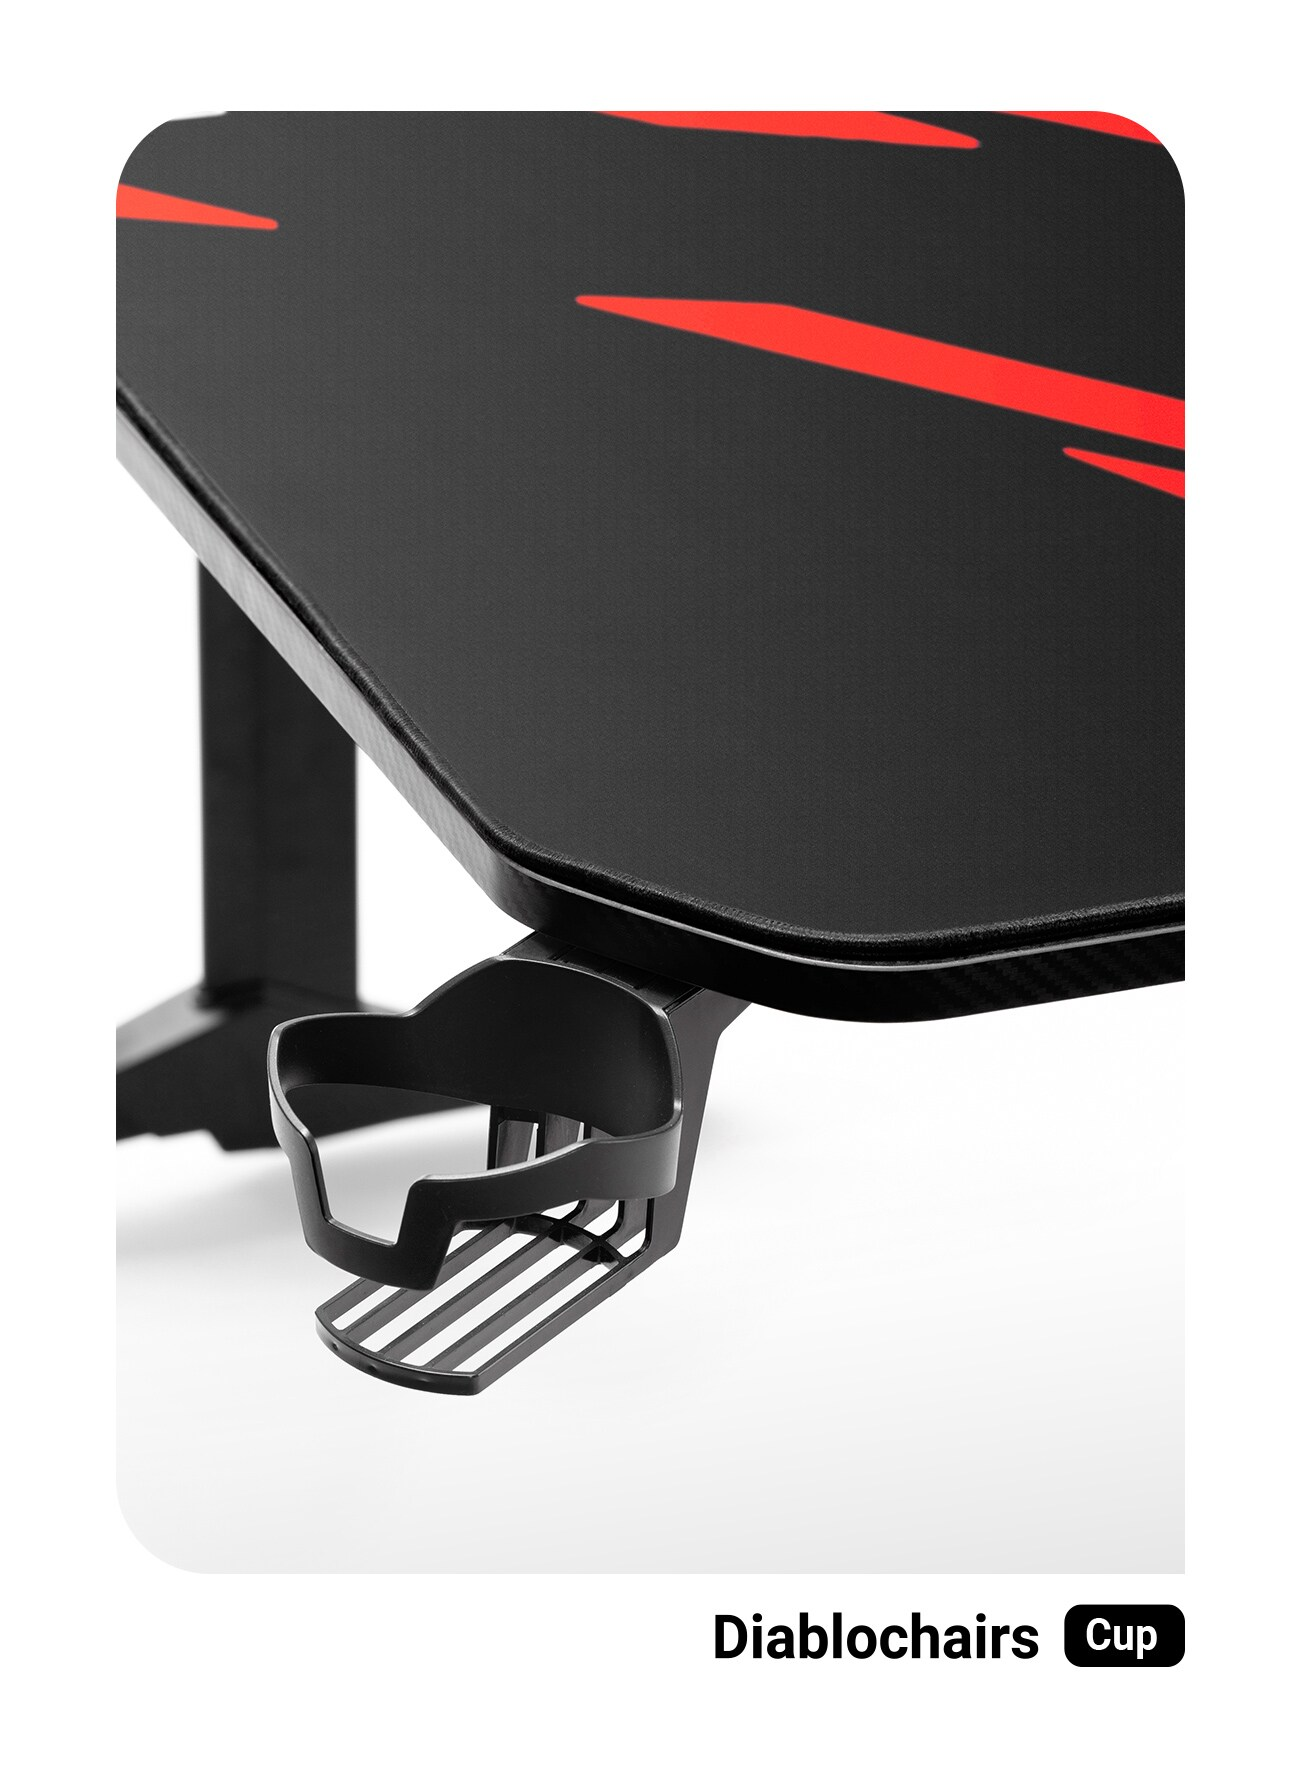 Biurko Gamingowe Diablo X-Mate 1400 Black/Red Gaming - 3